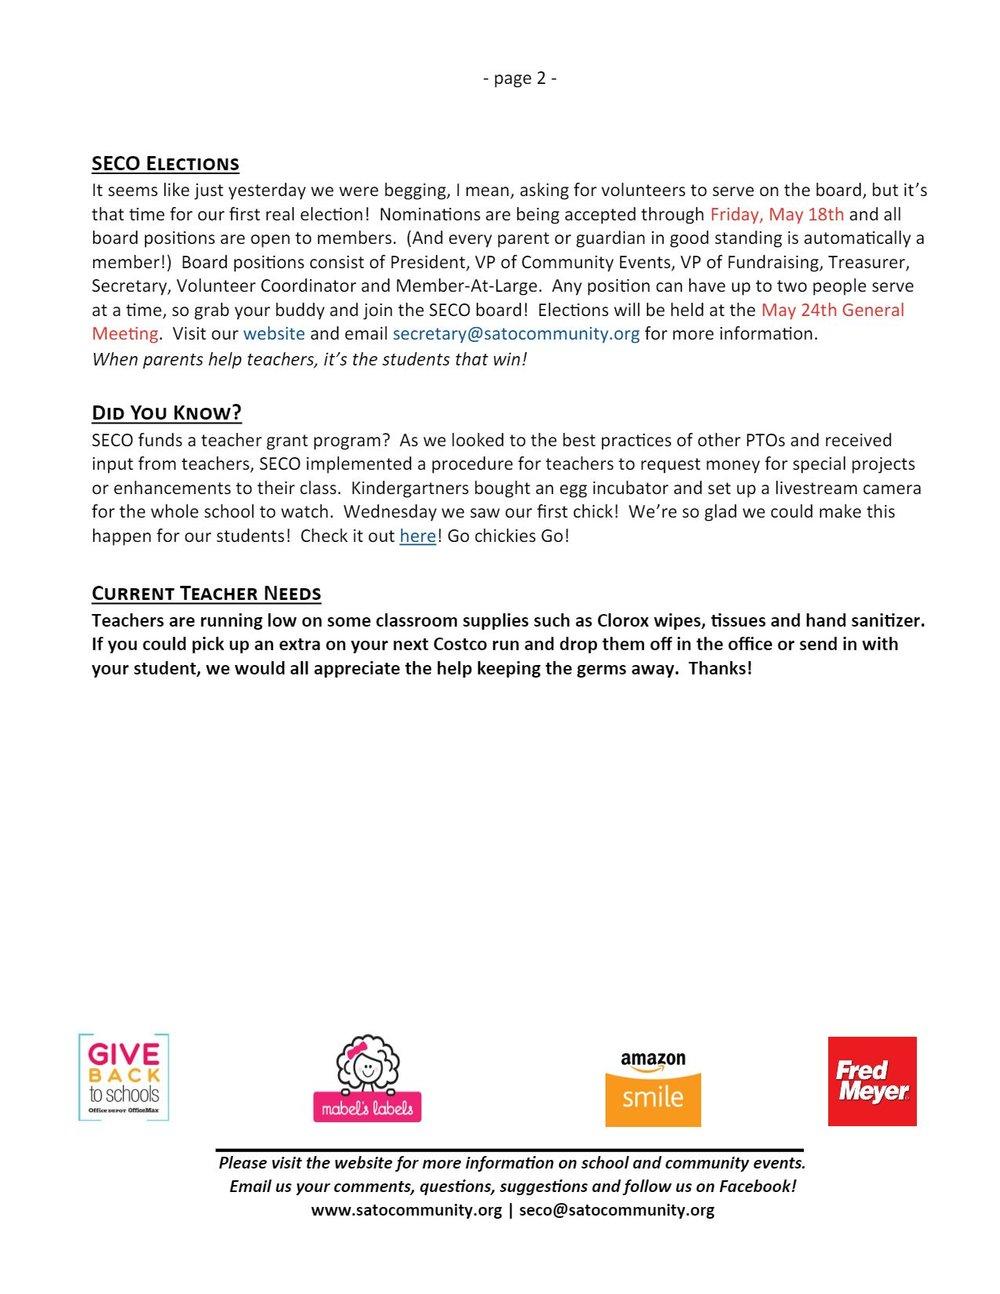 NewsletterMay4-2.jpg